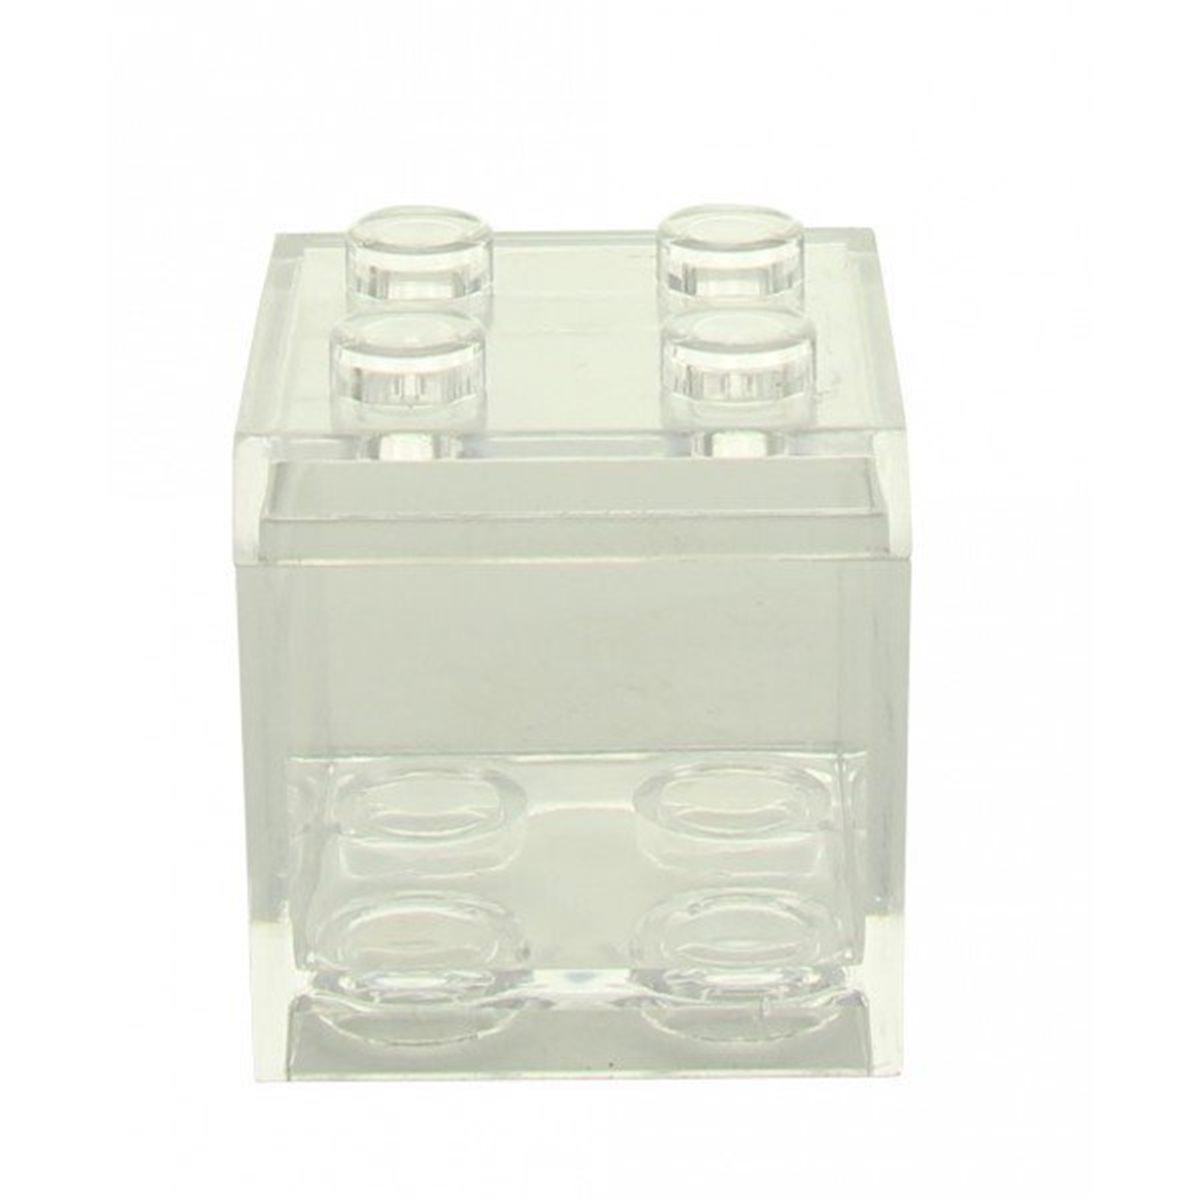 Contenant Dragées Lego Transparent x1